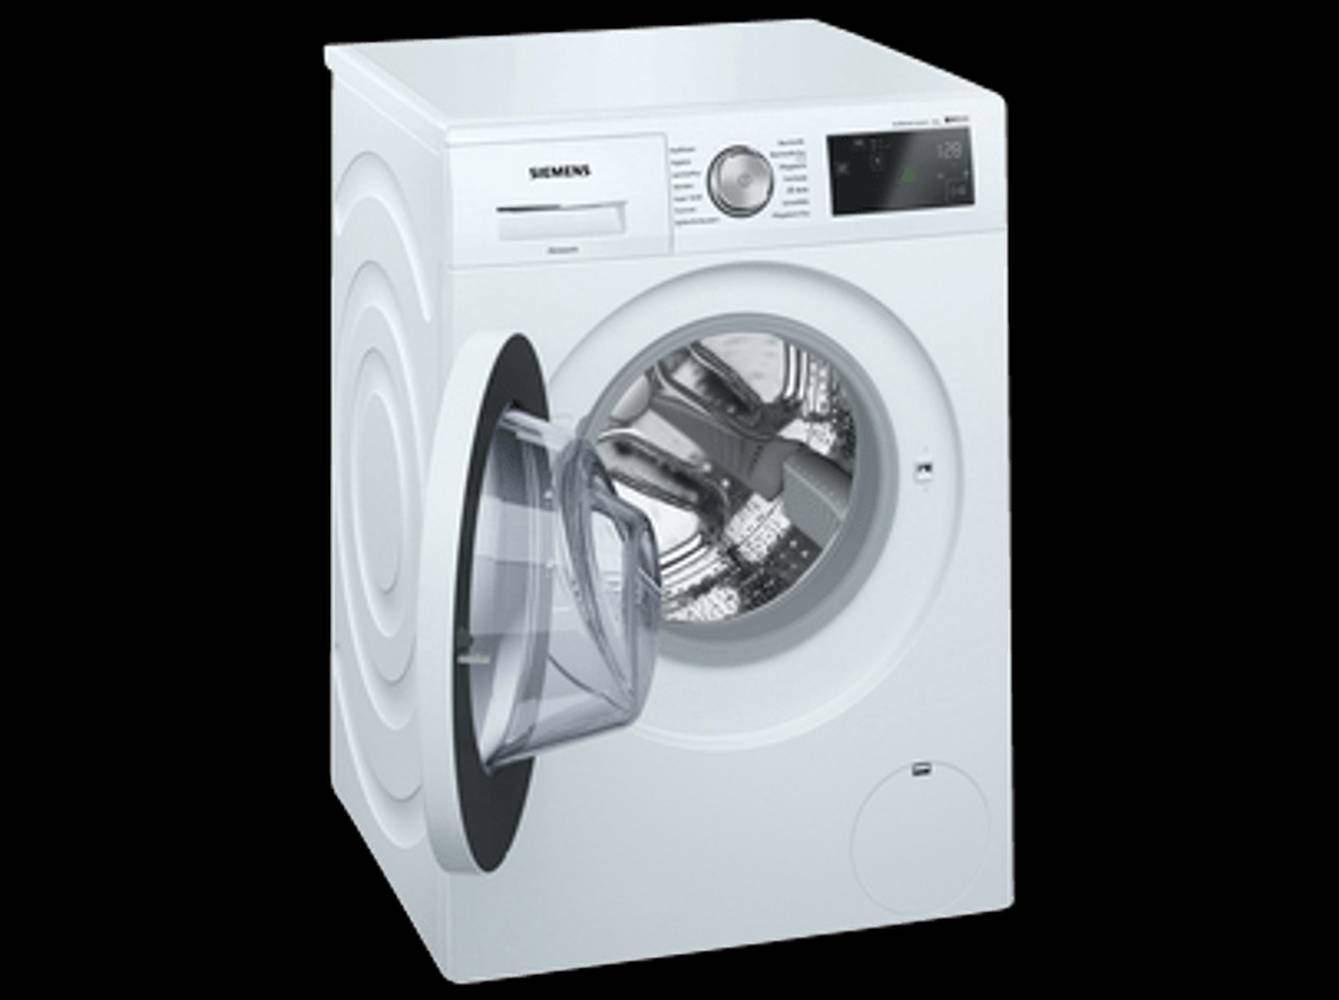 Siemens wm t em waschmaschine im test